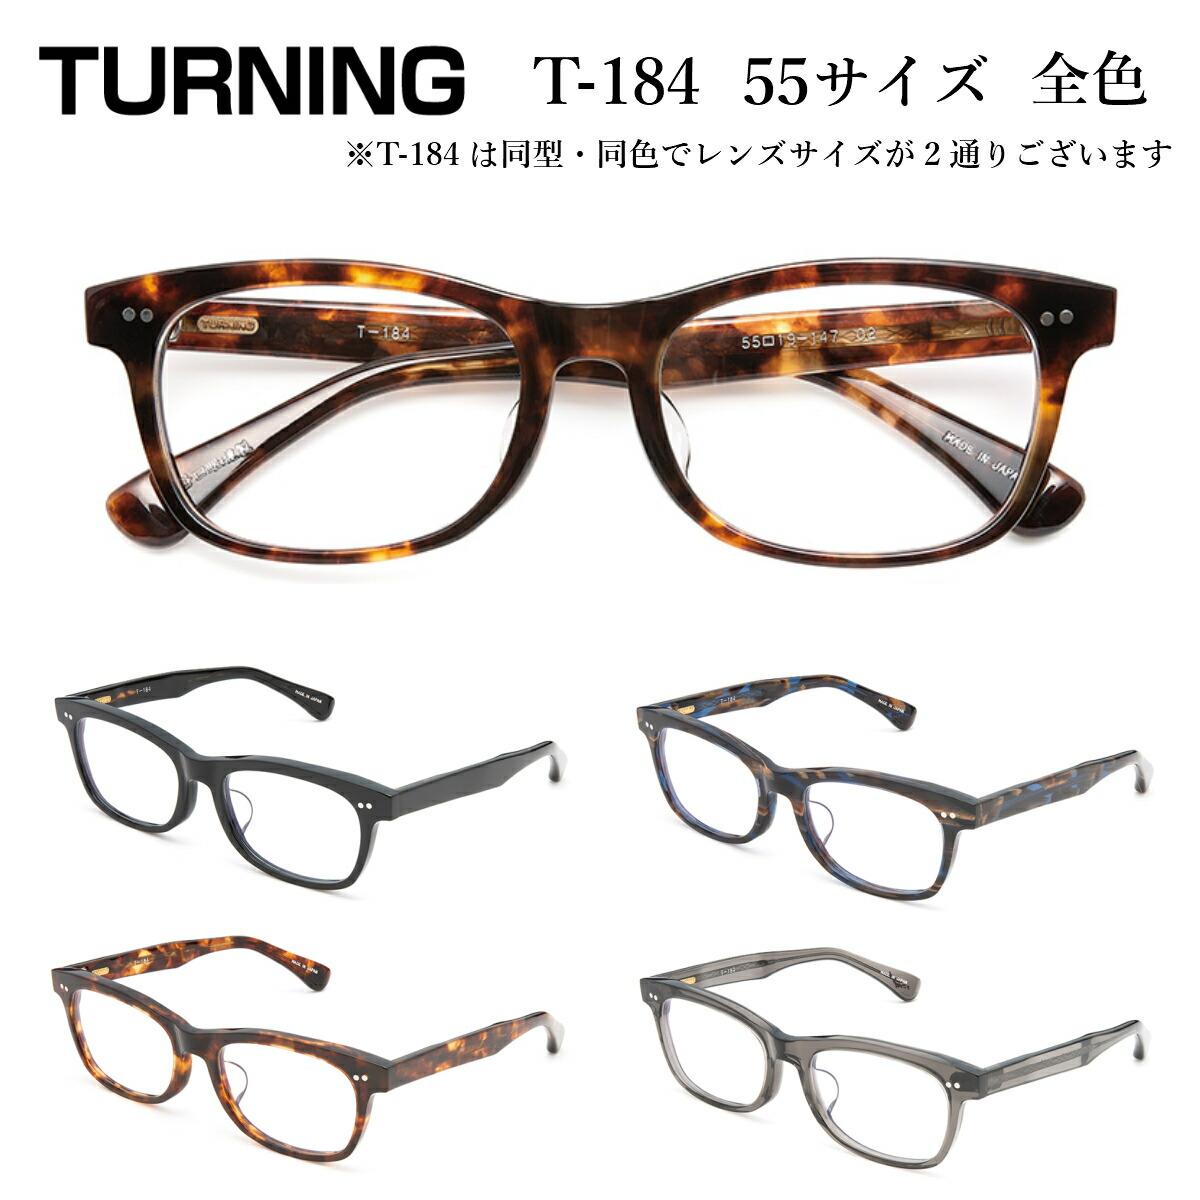 TURNING ターニング 谷口眼鏡 T-184 55 サイズ 全色 メガネ 眼鏡 めがね フレーム 度付き 度入り 対応 セル プラスチック 日本製 国産 鯖江 SABAE ウェリントン スクエア メンズ レディース 男 女 兼用 クラシック 【送料無料】